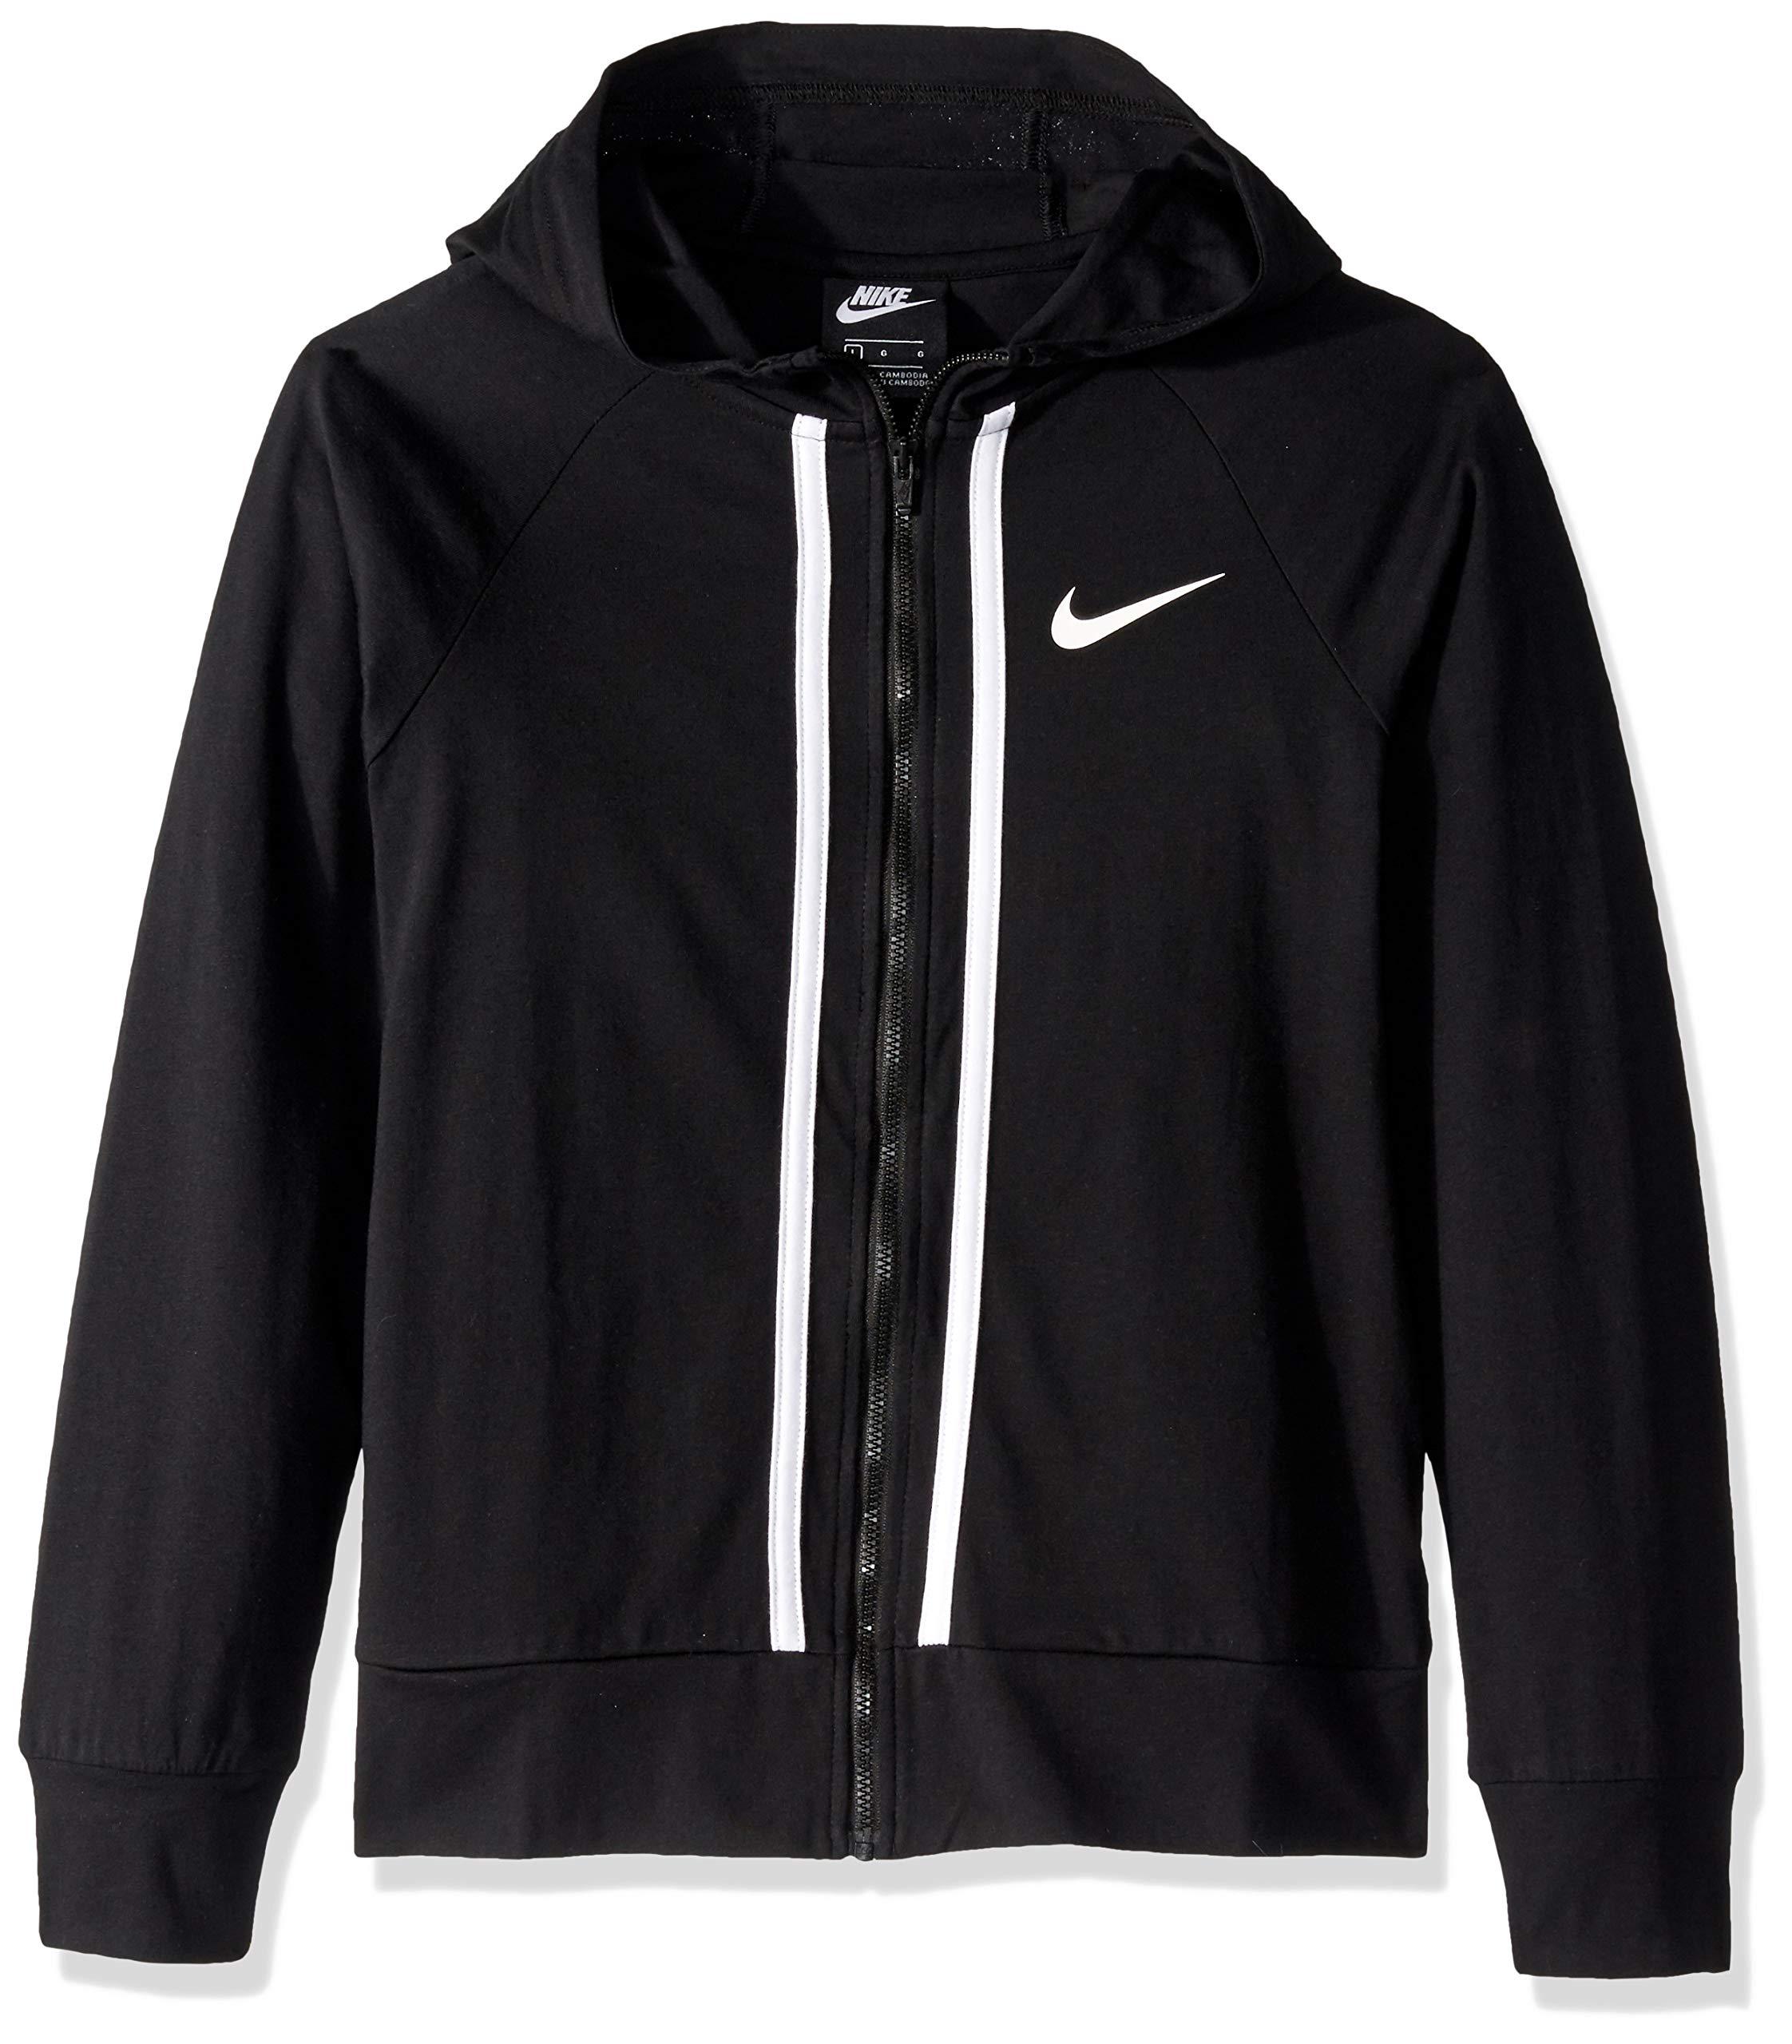 Nike Girl's NSW Full-Zip Jersey, Black/White, Large by Nike